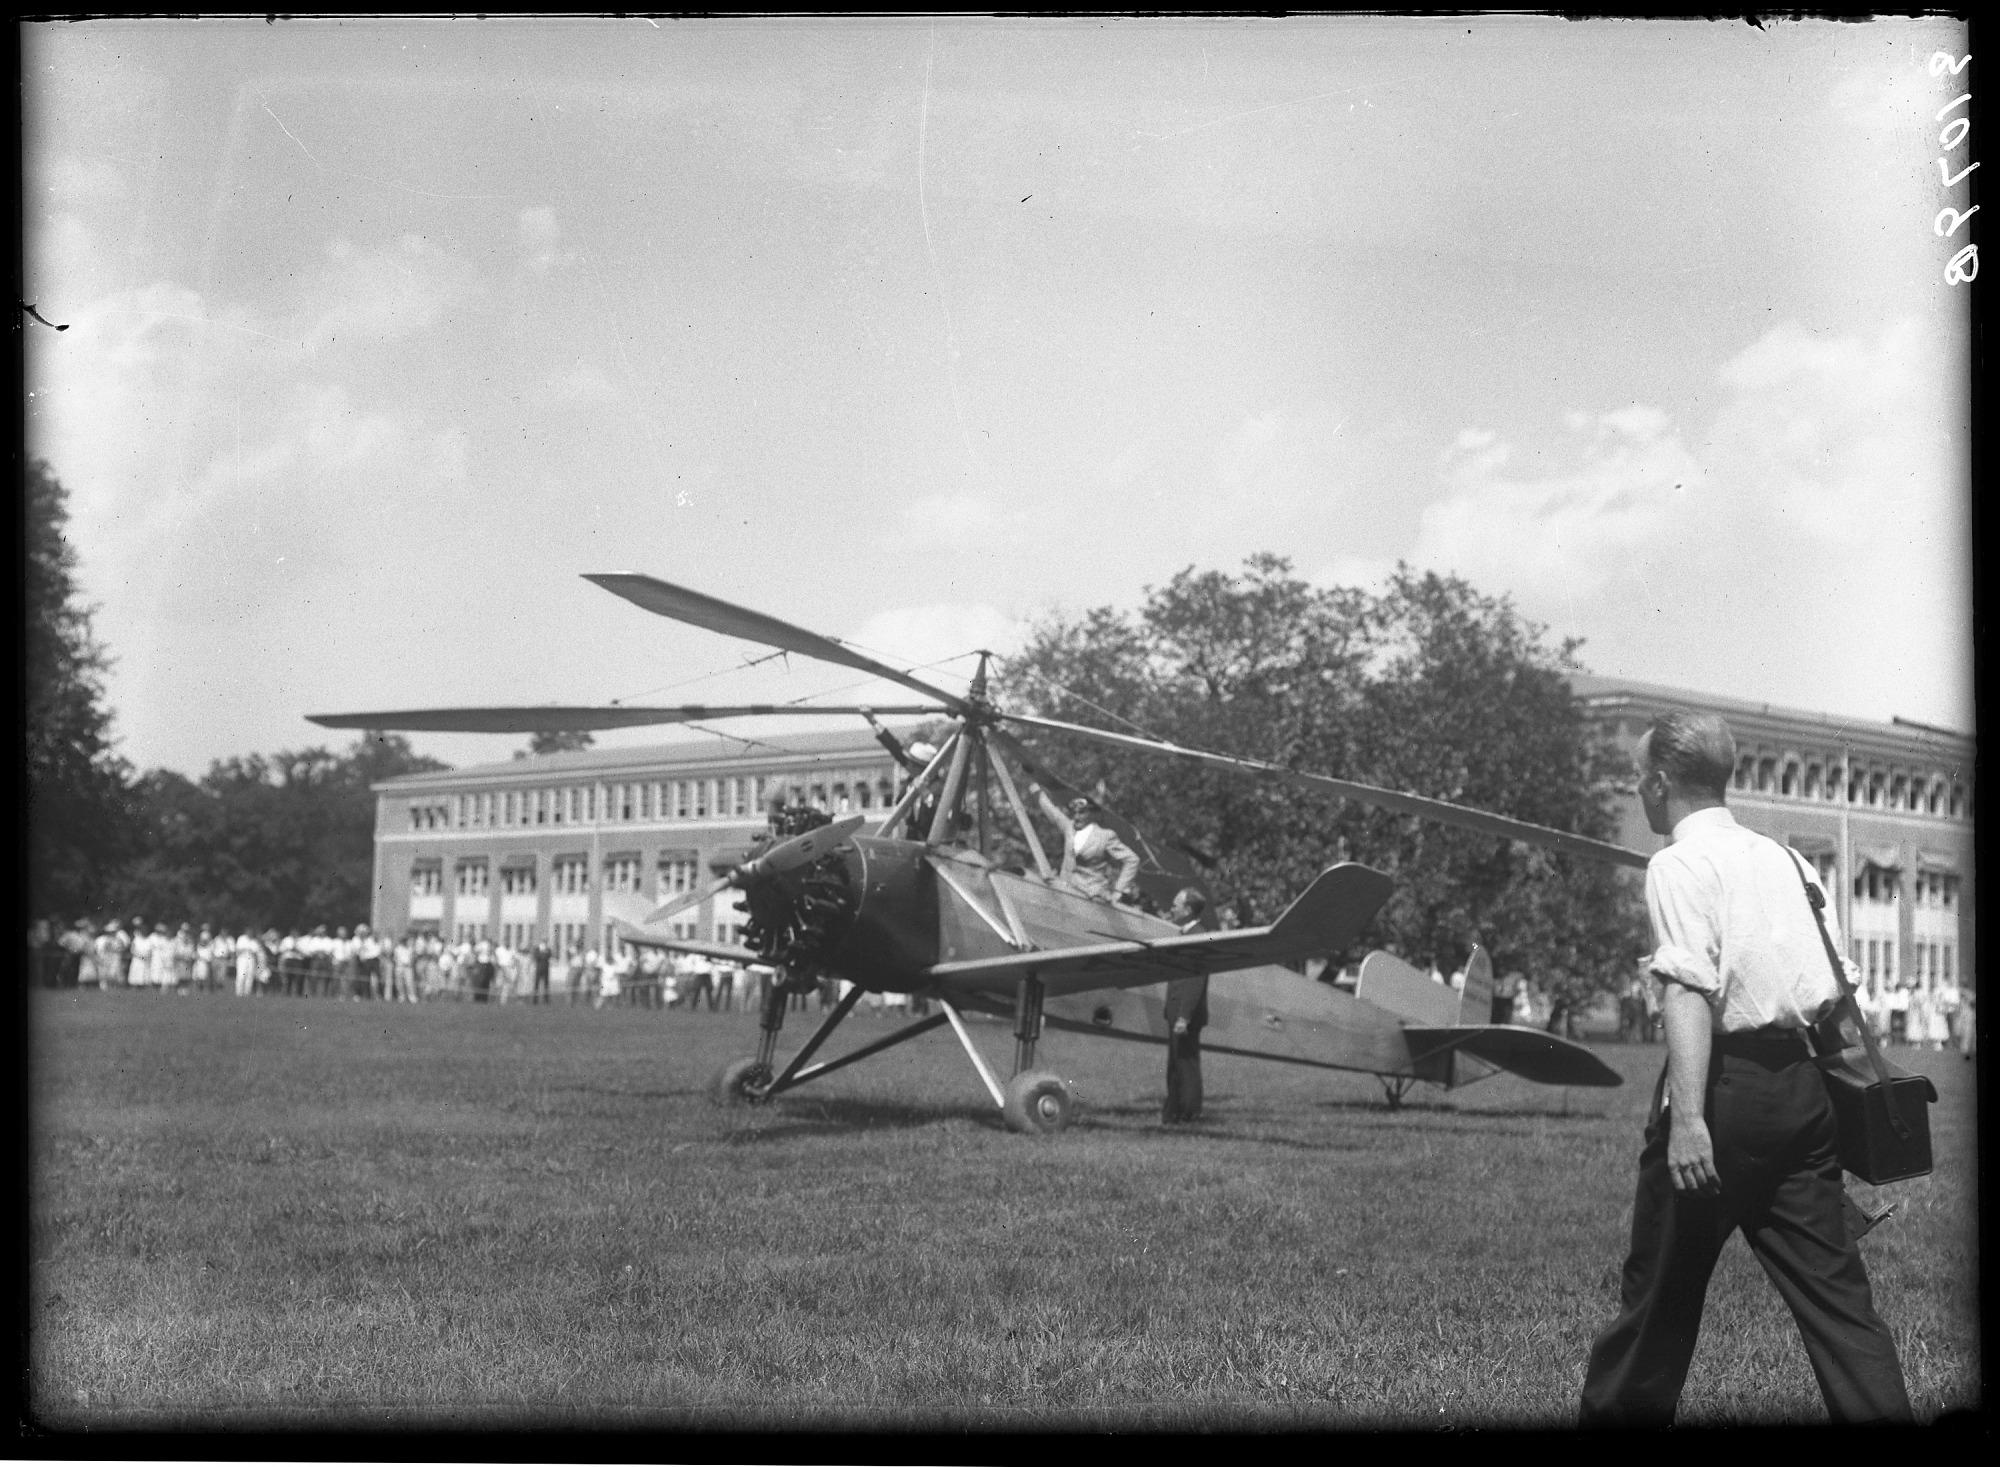 images for Cierva C.8 Mk.IV (C.8W) Autogiro, NASM. glass negative